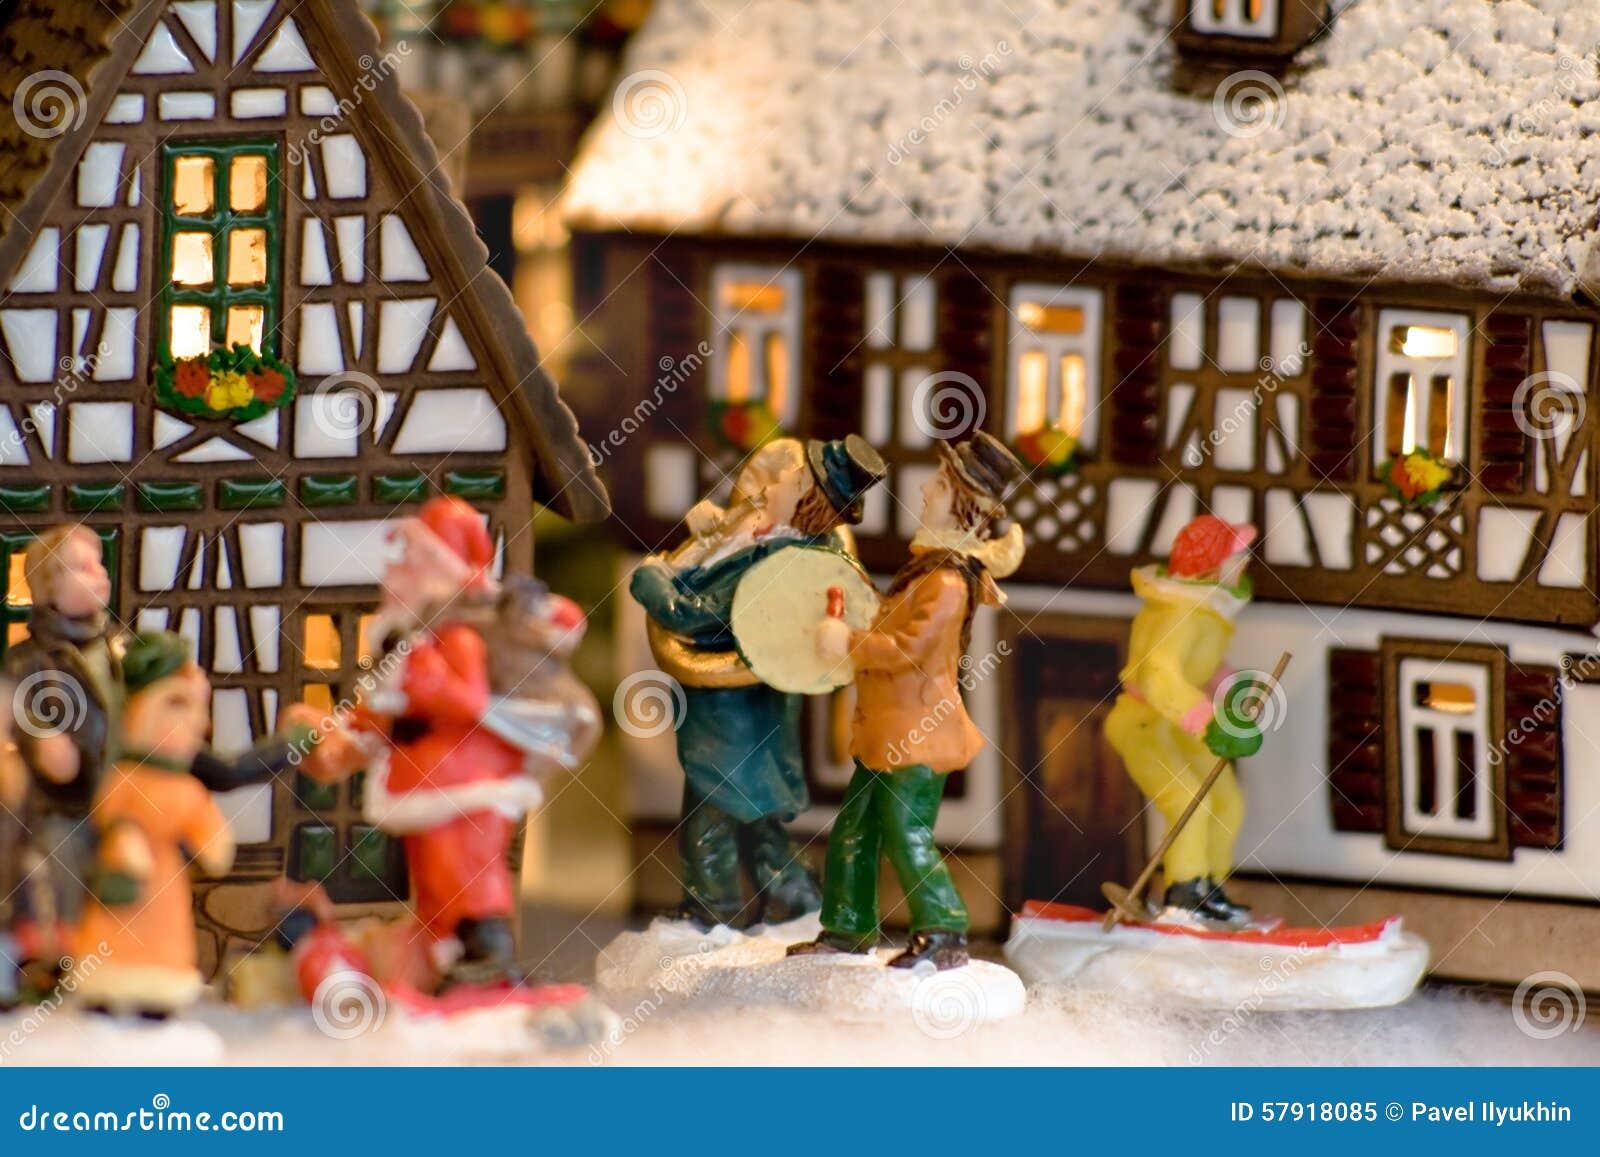 Feenhafte Geschenke Am Weihnachtsabend In Österreich Stockbild ...